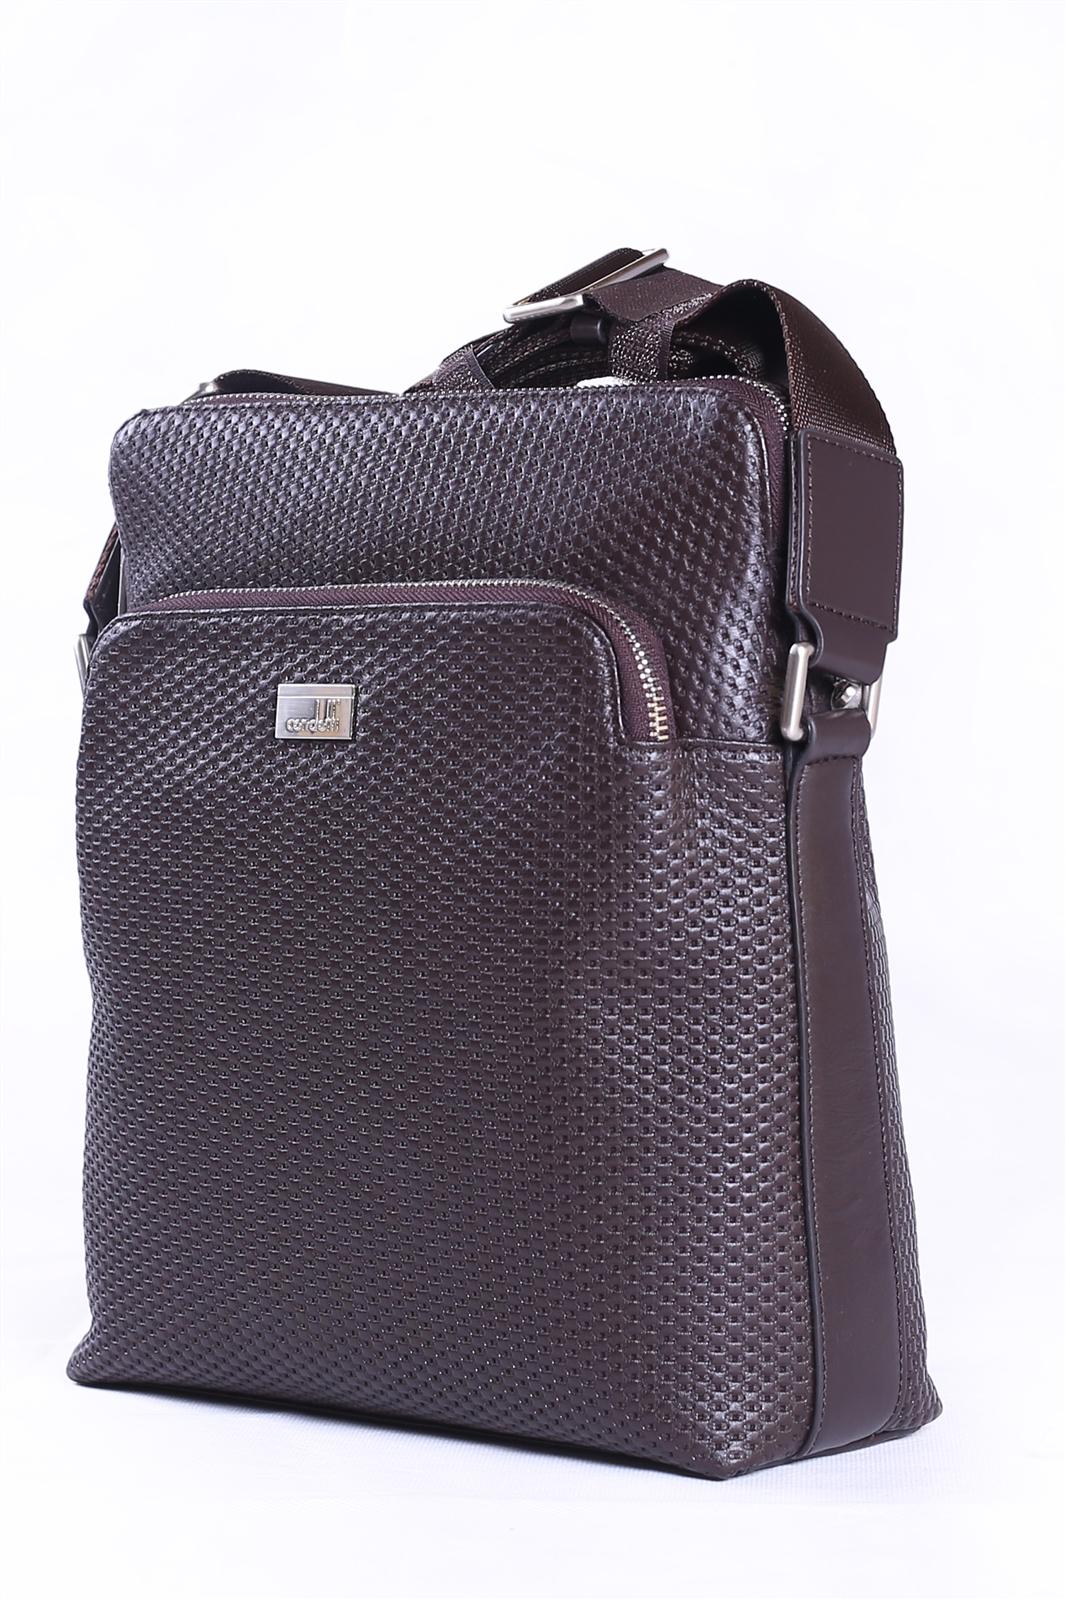 Leather Shoulder Bag-139-3913